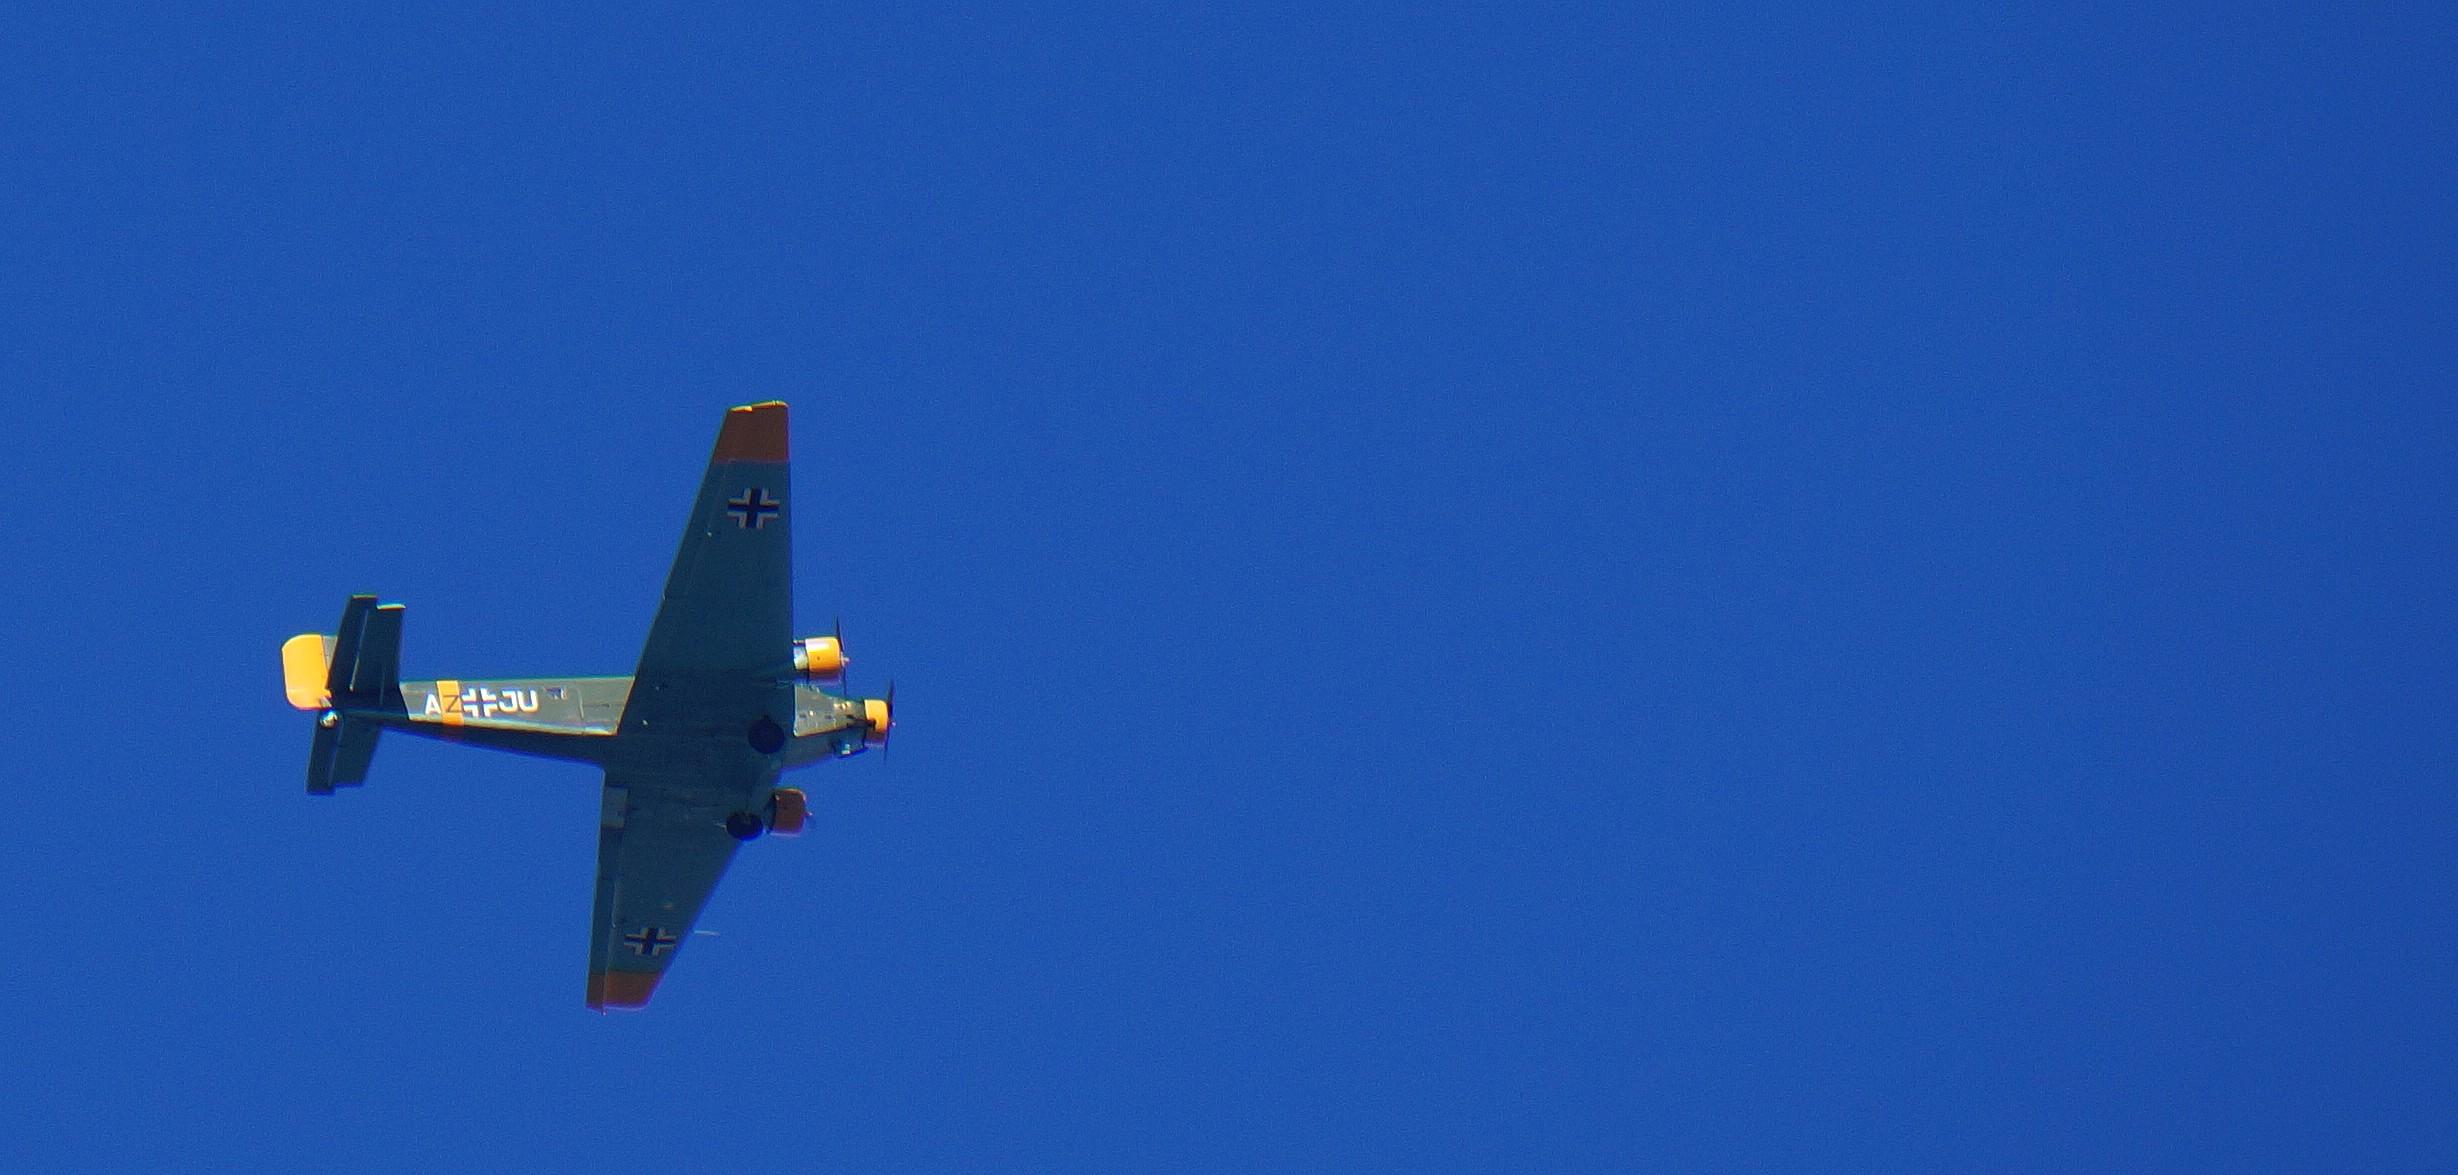 [ Aéronavale divers ] Quel est cet aéronef ? - Page 6 860559avionallemand1